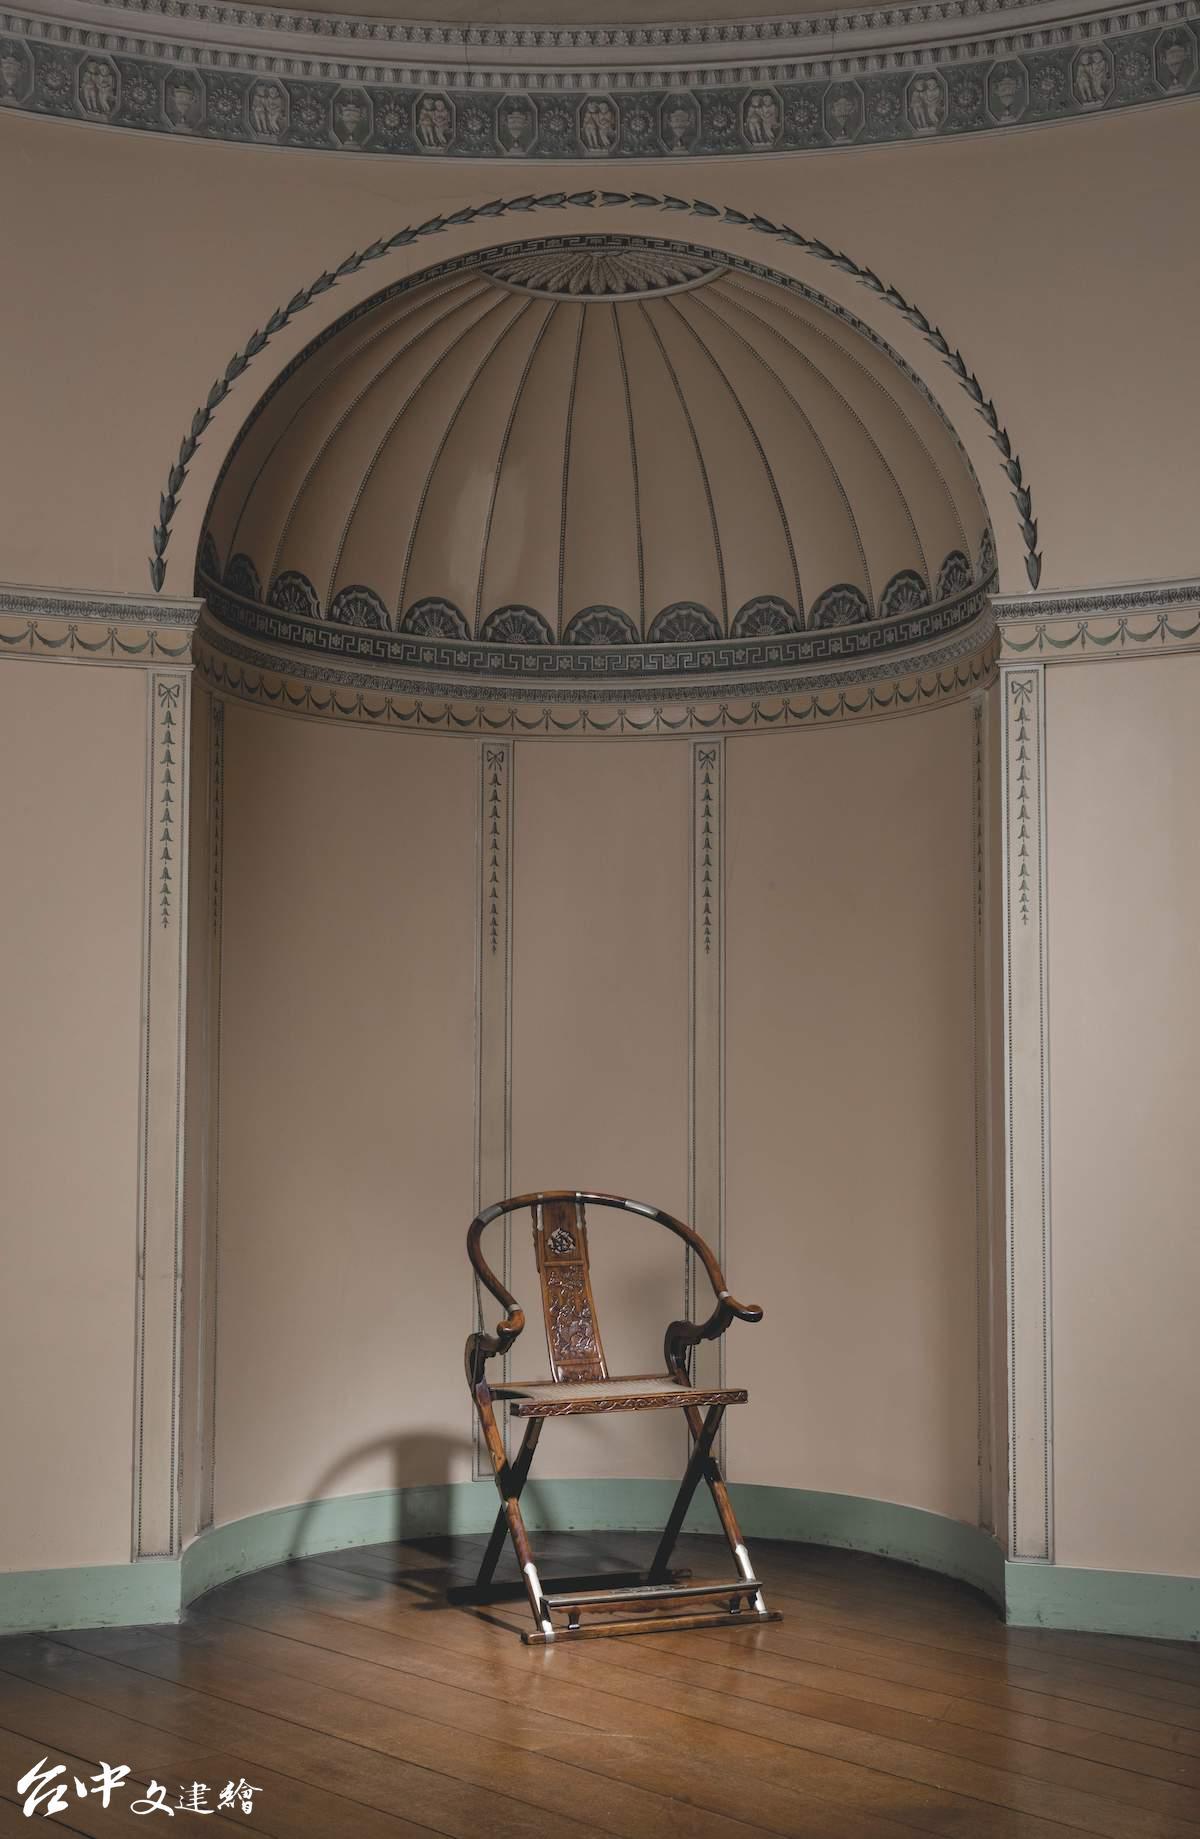 「維甯漢莊園中國古典傢俱」專場拍賣最受矚目的黃花梨麒麟紋圈背交椅。(圖:業者提供)